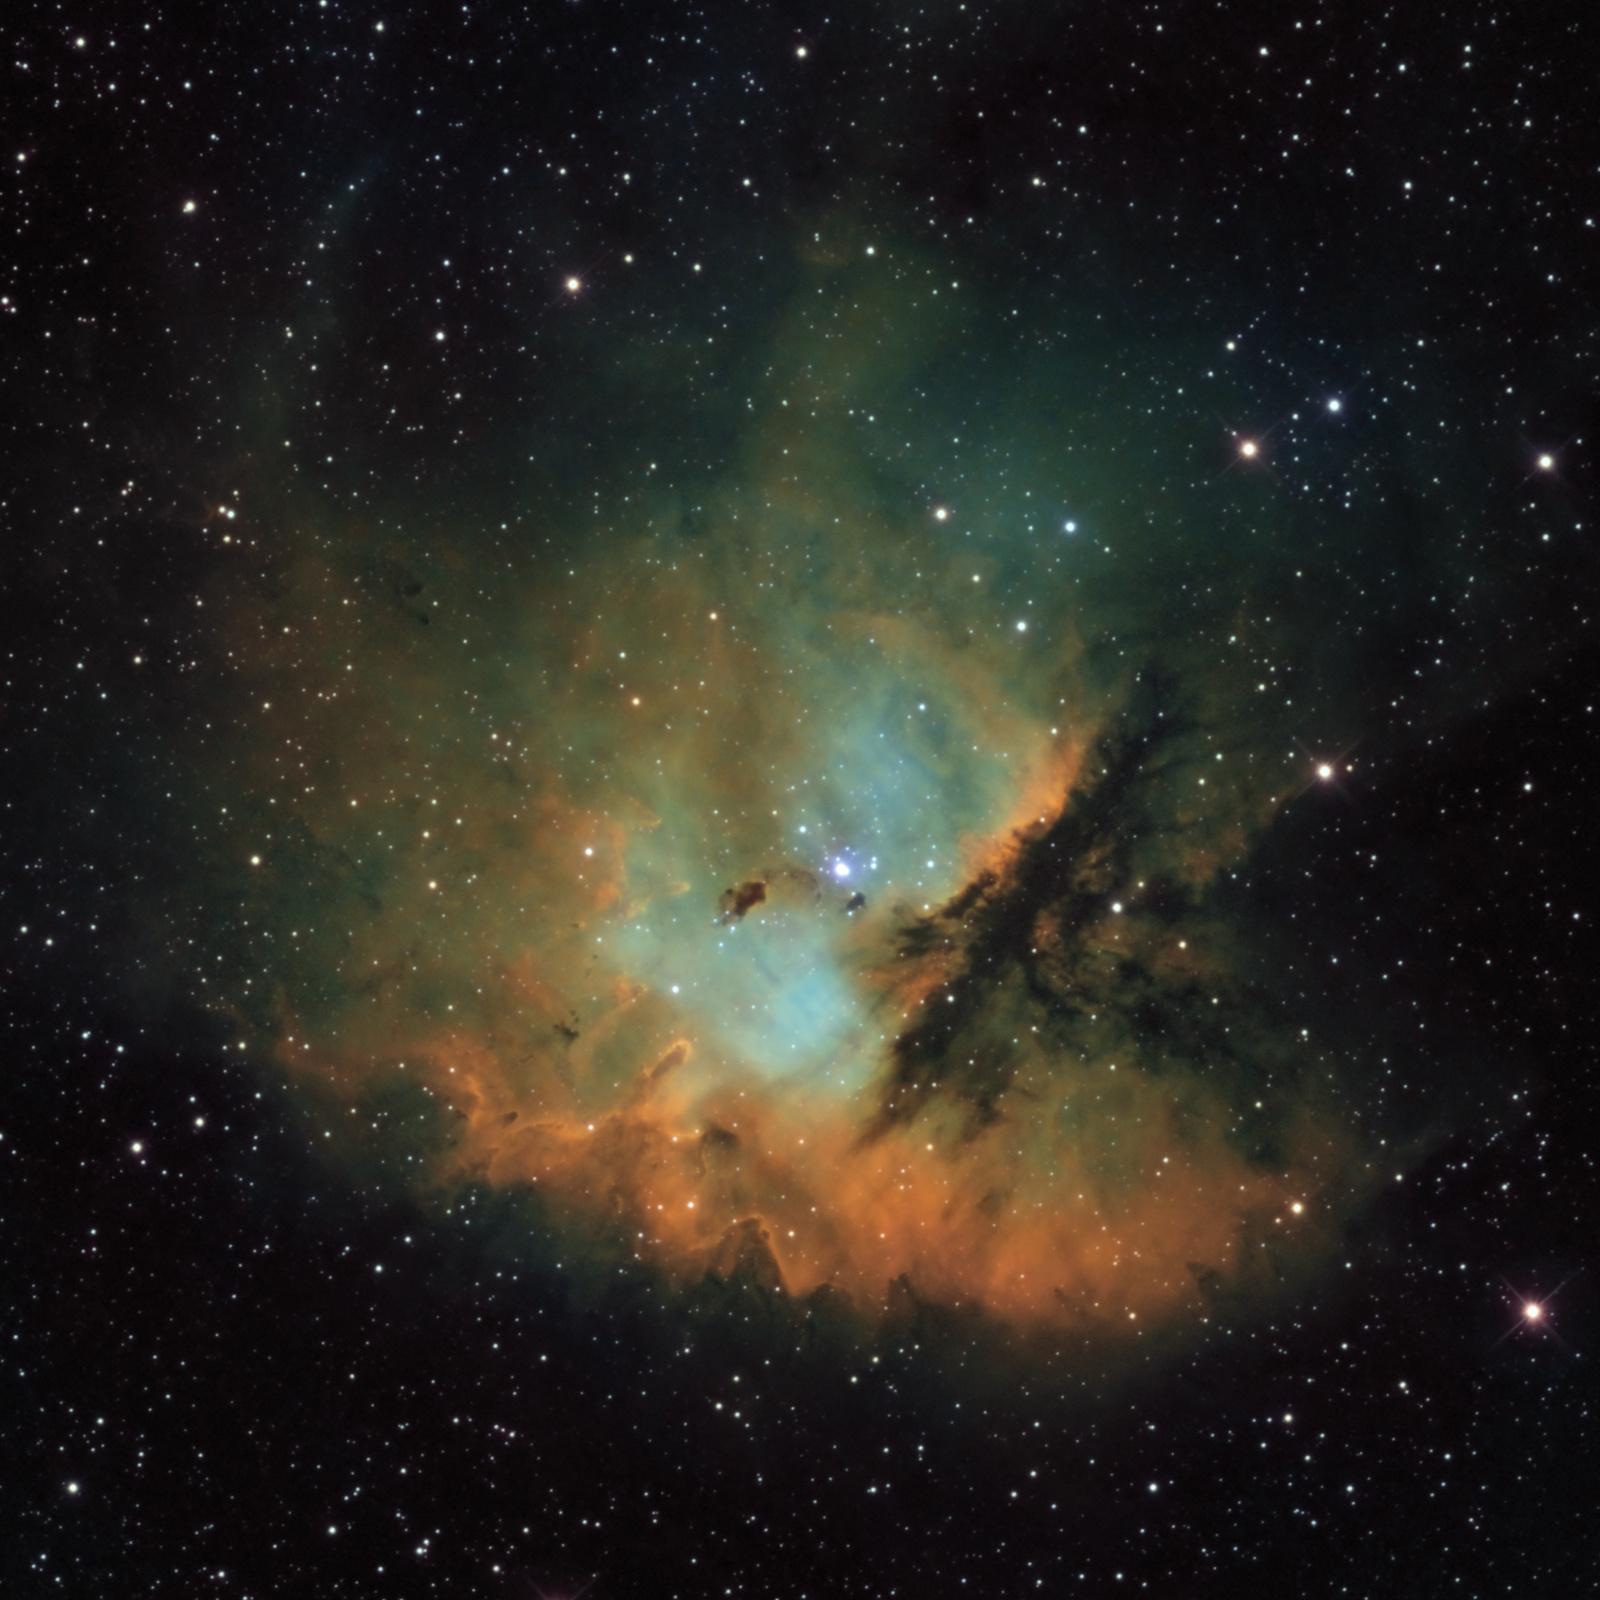 NGC281_SHO_full.thumb.jpg.fe7f417829d66fb9ad1b9b3a6ee4d9ee.jpg